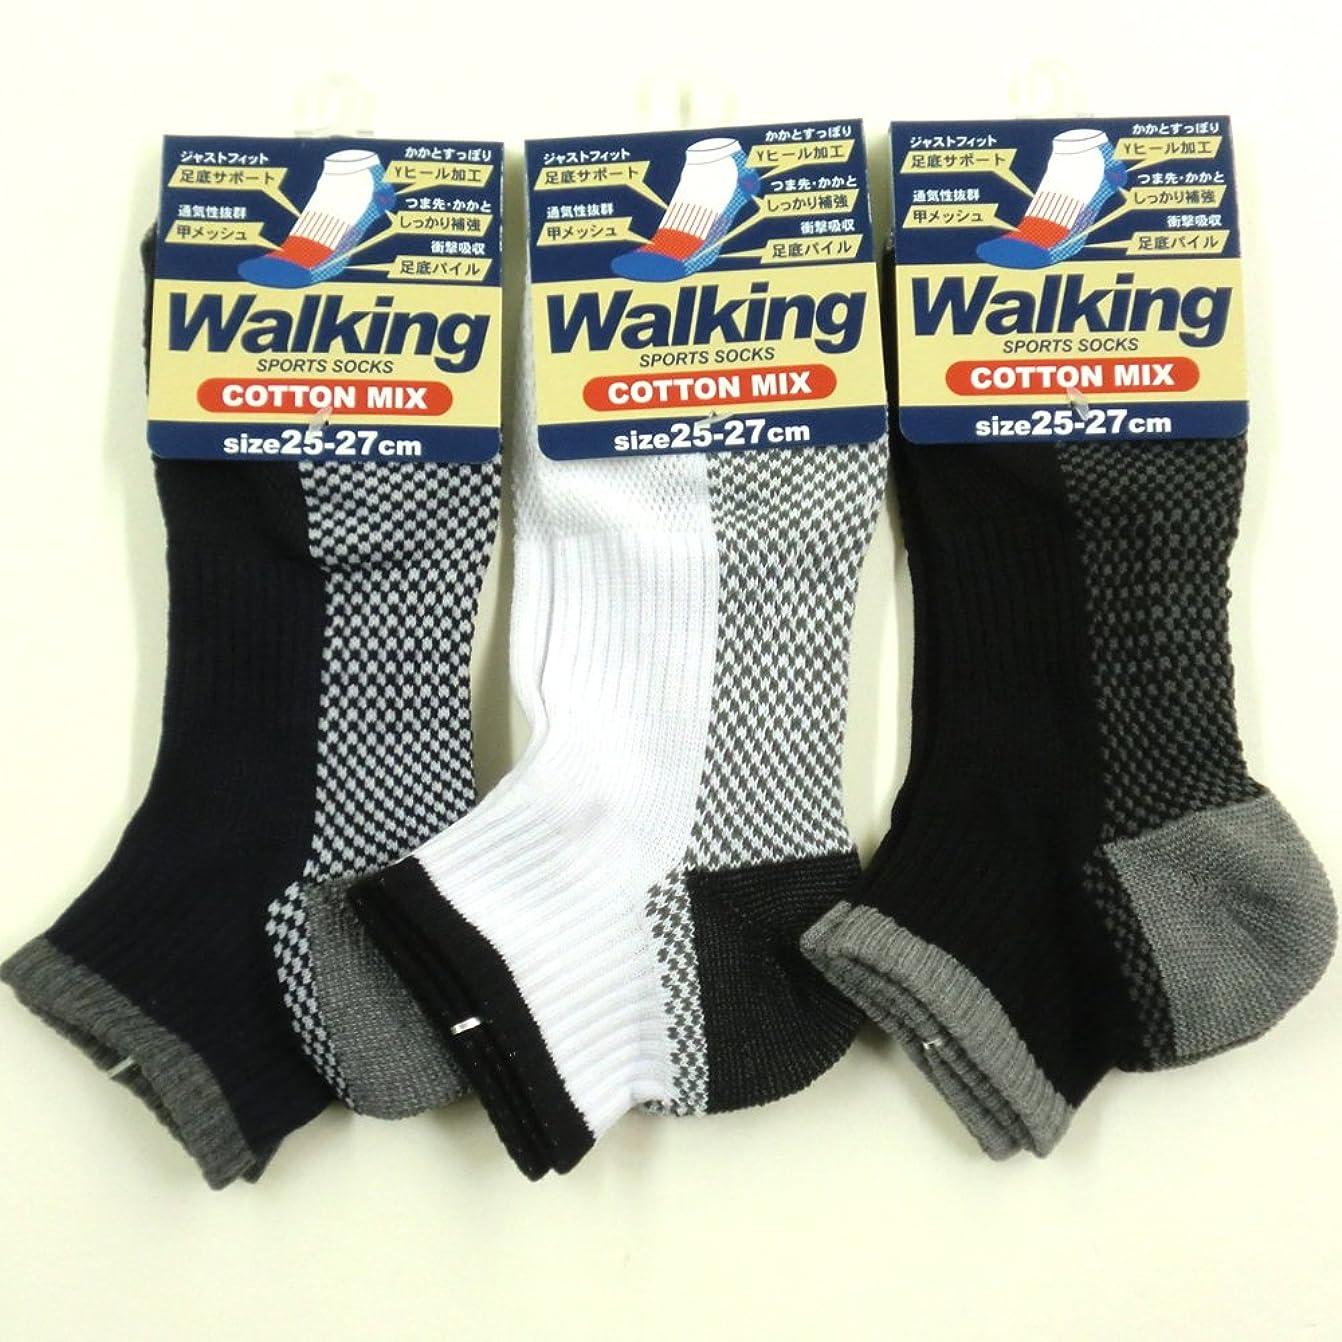 頑固な割る独特のスニーカー ソックス メンズ ウォーキング 靴下 綿混 足底パイル 25-27cm 3足セット